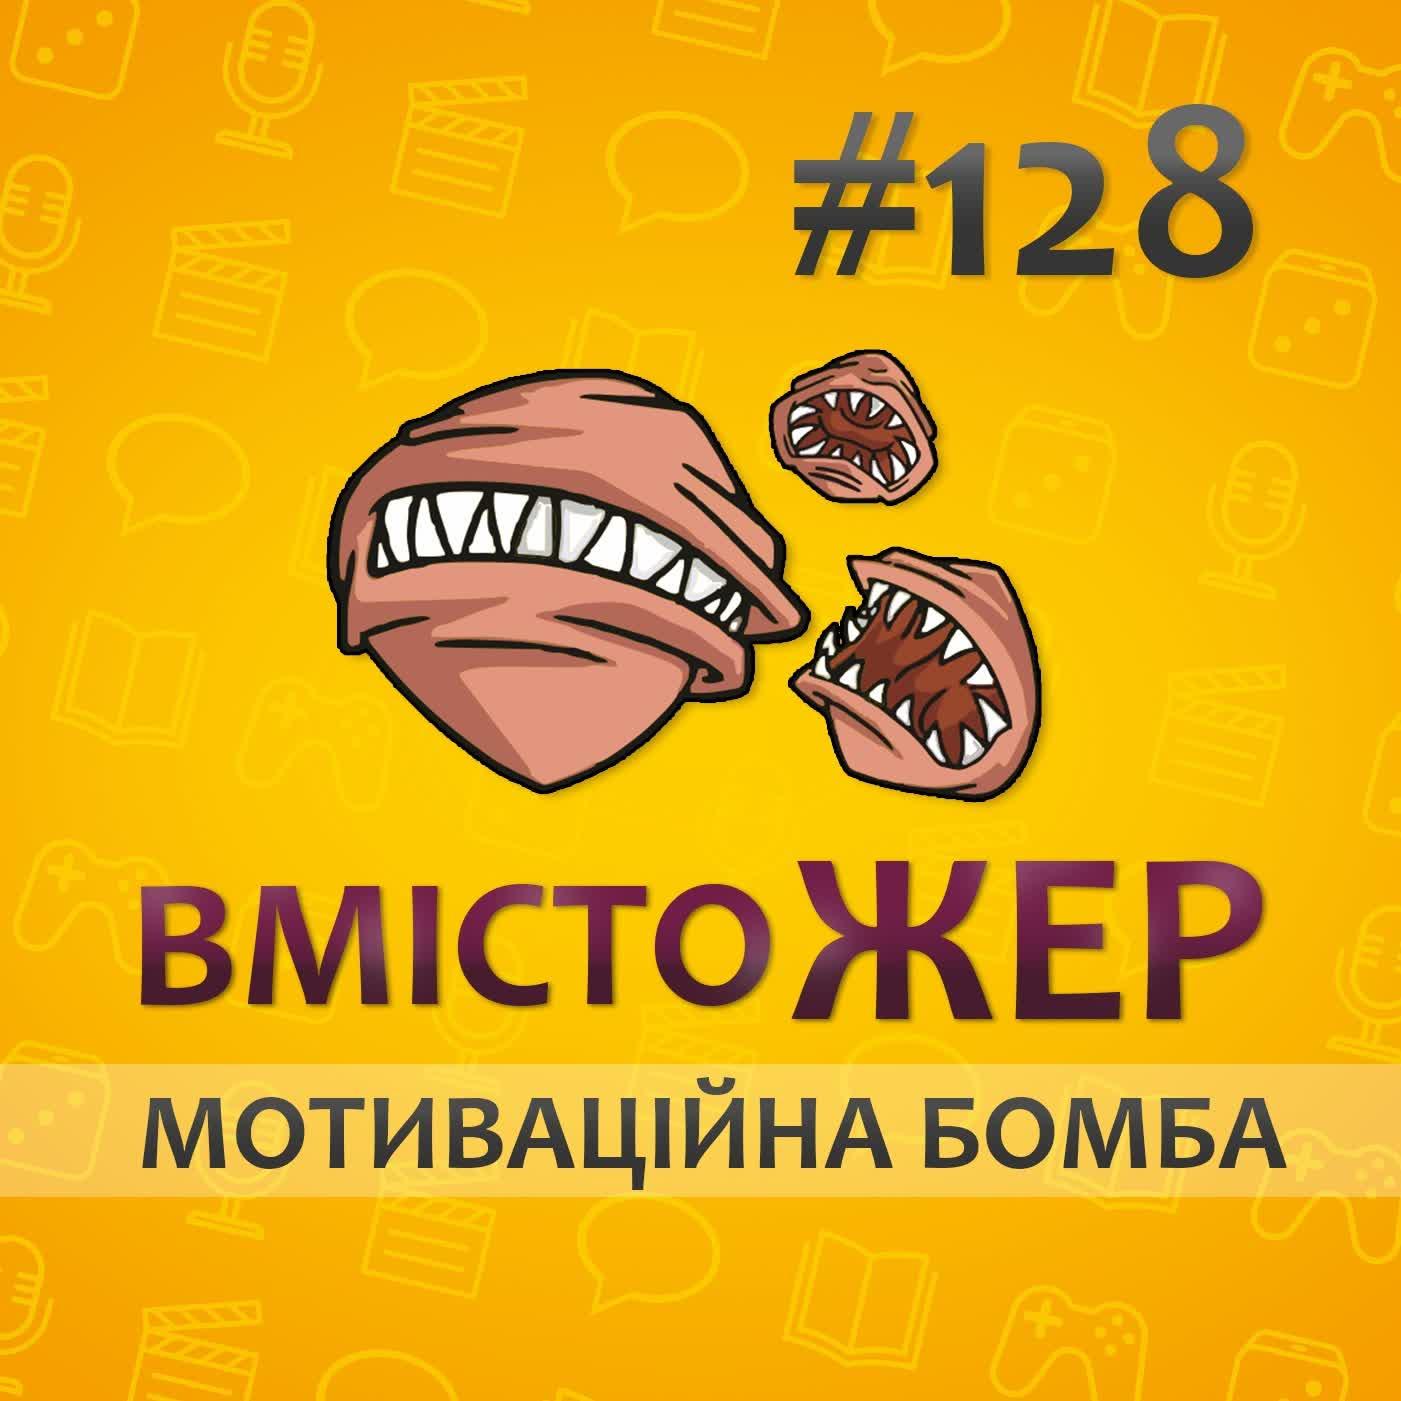 Вмістожер 128 — МОТИВАЦІЙНА БОМБА